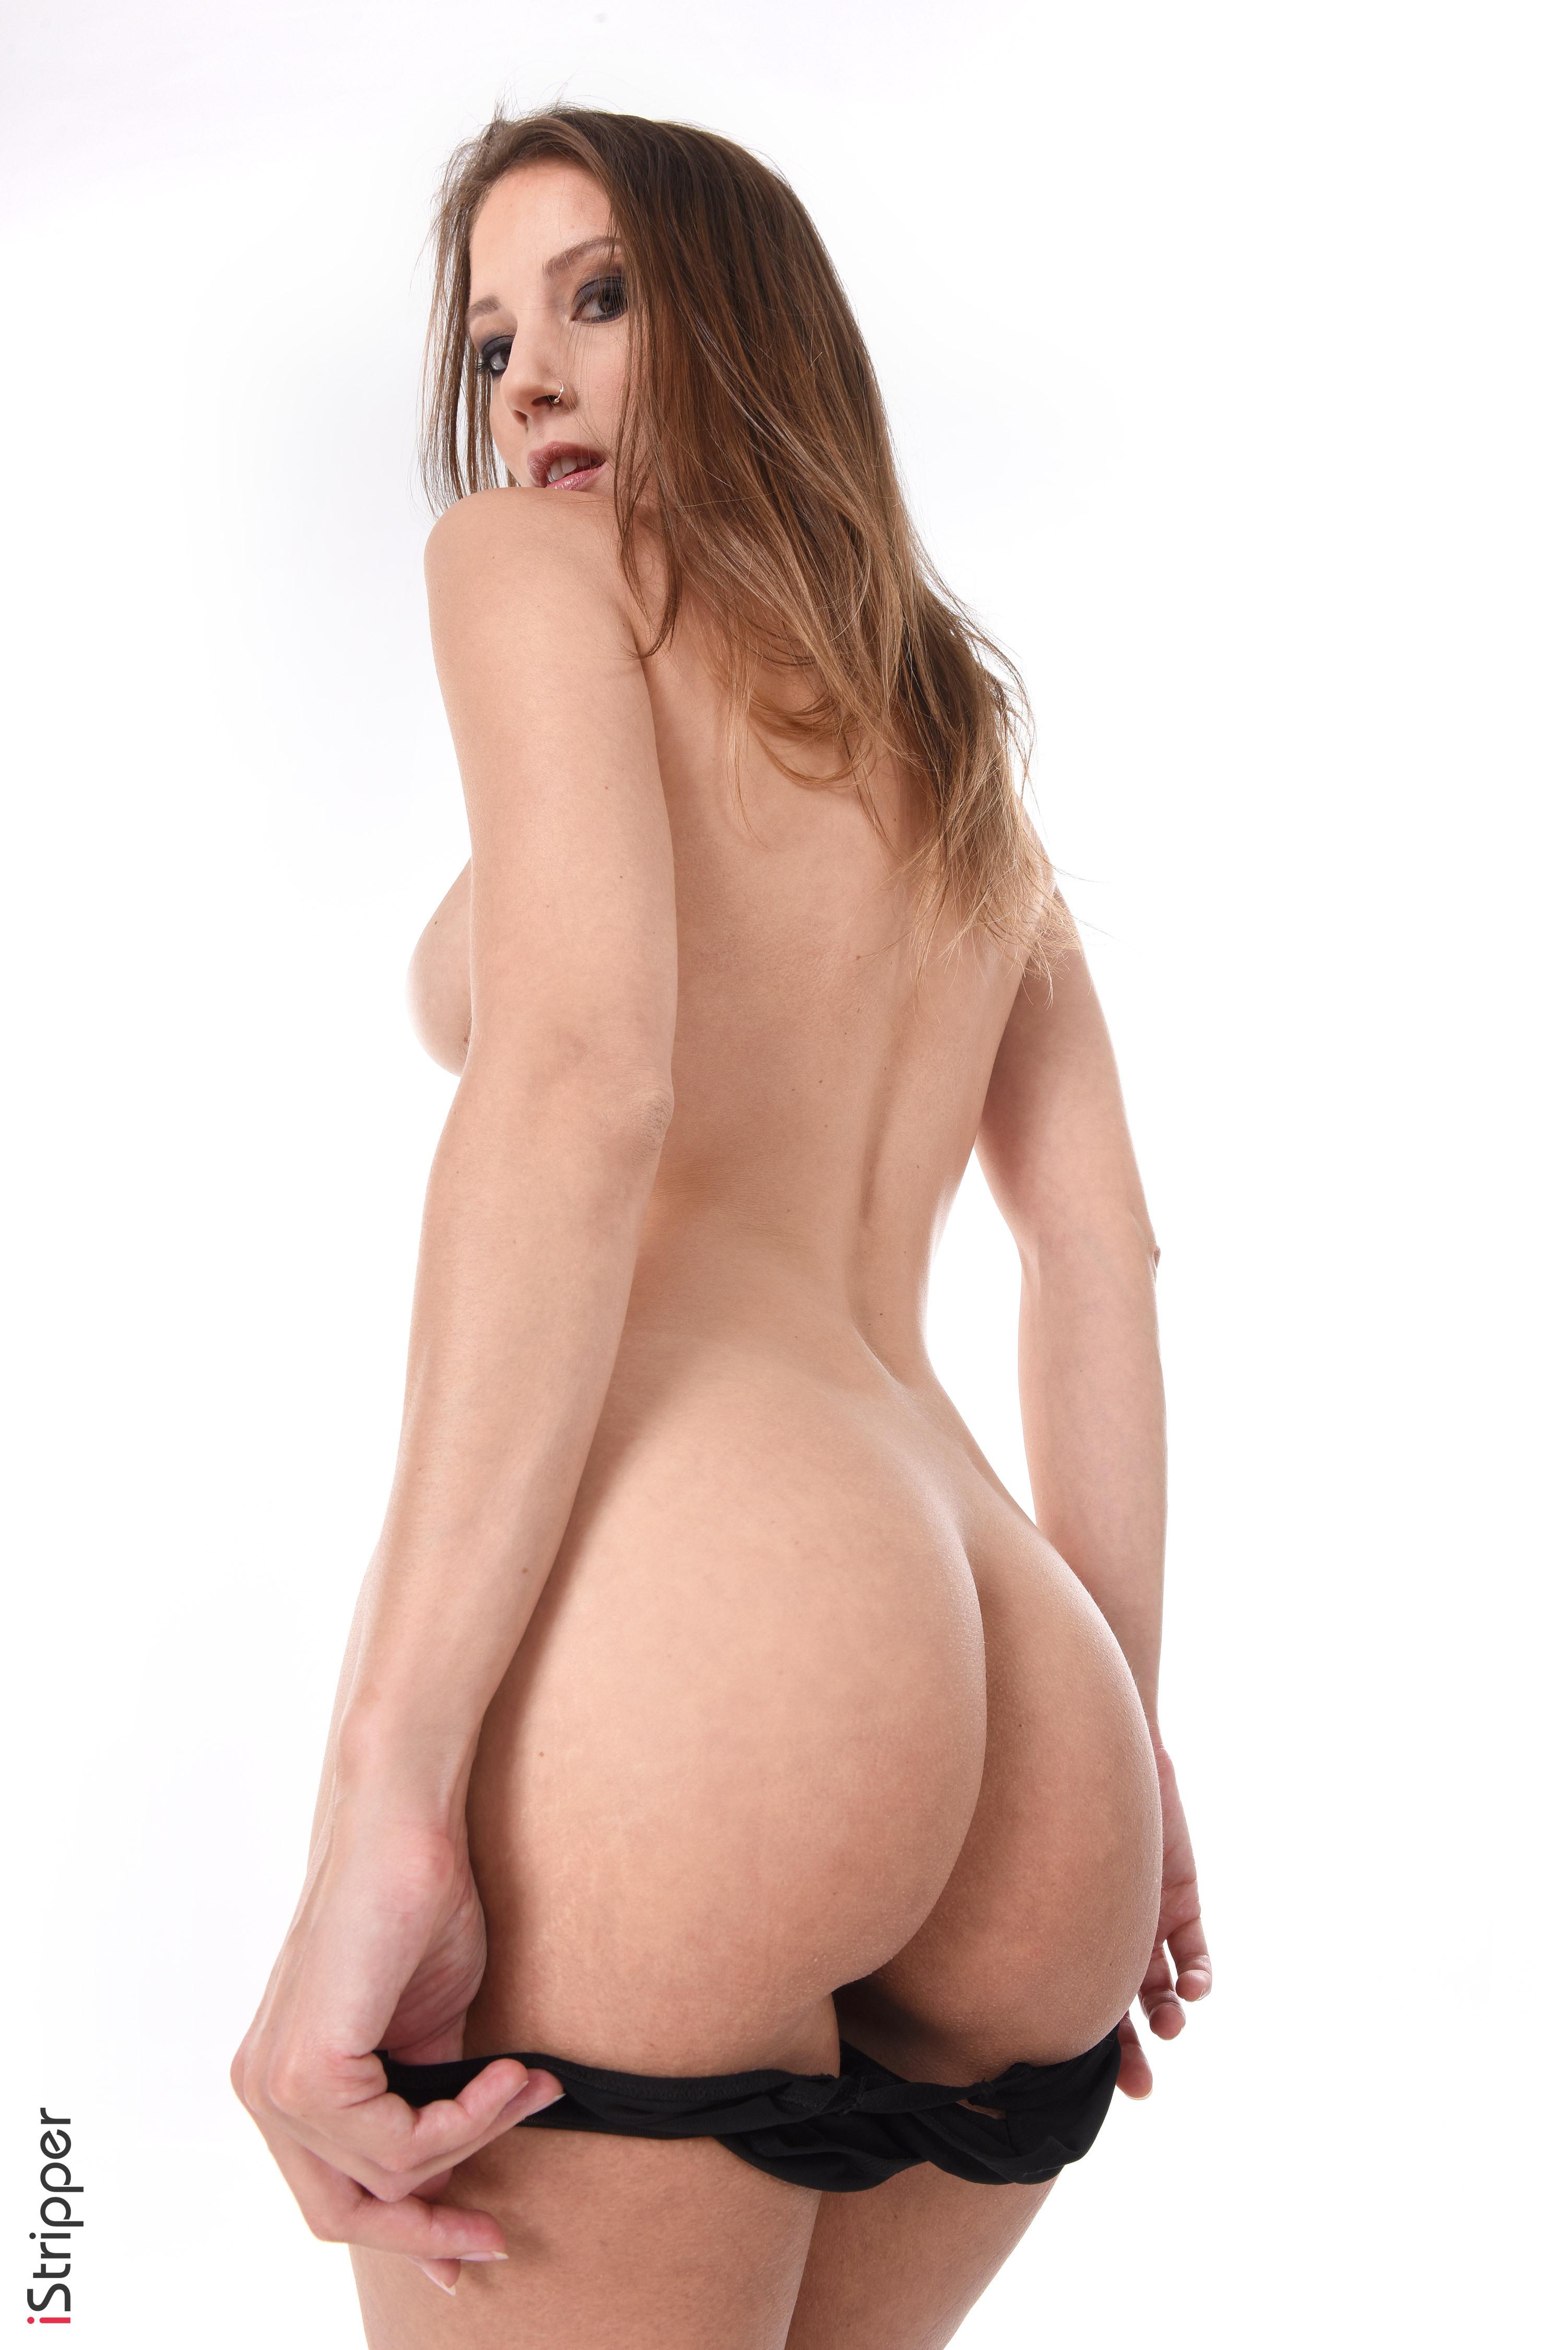 sexy asmr striptease